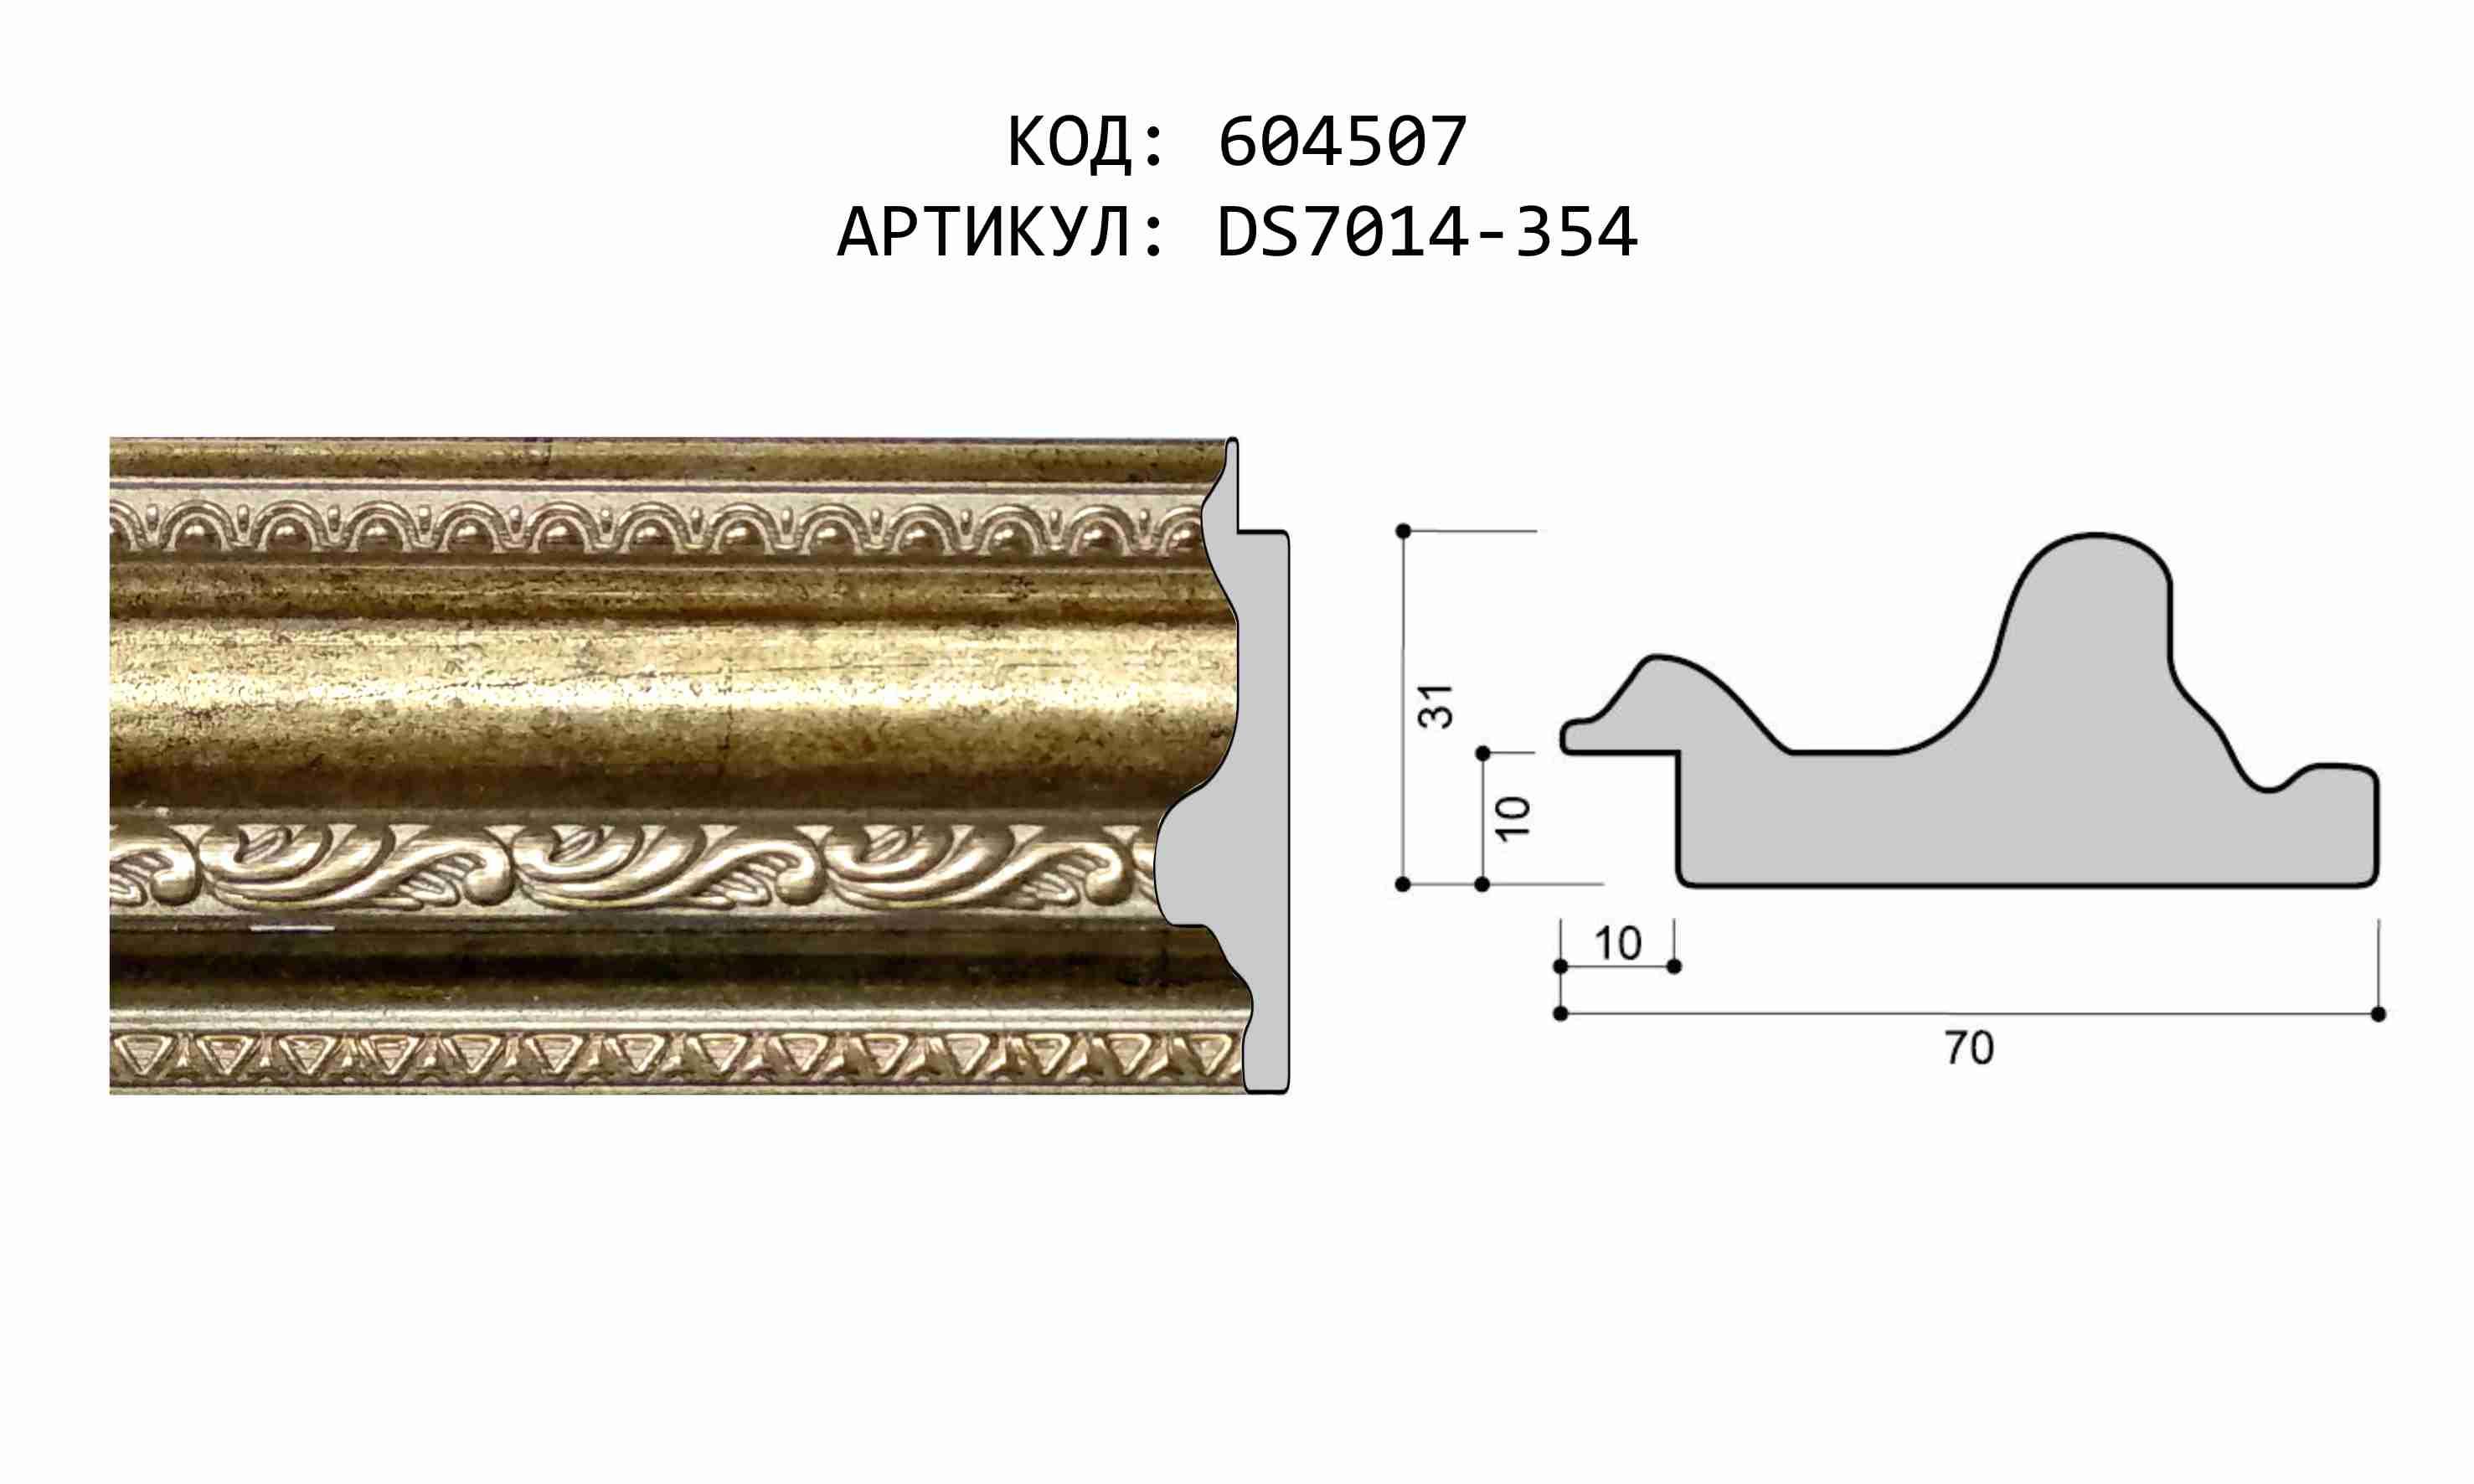 Артикул: DS7014-354